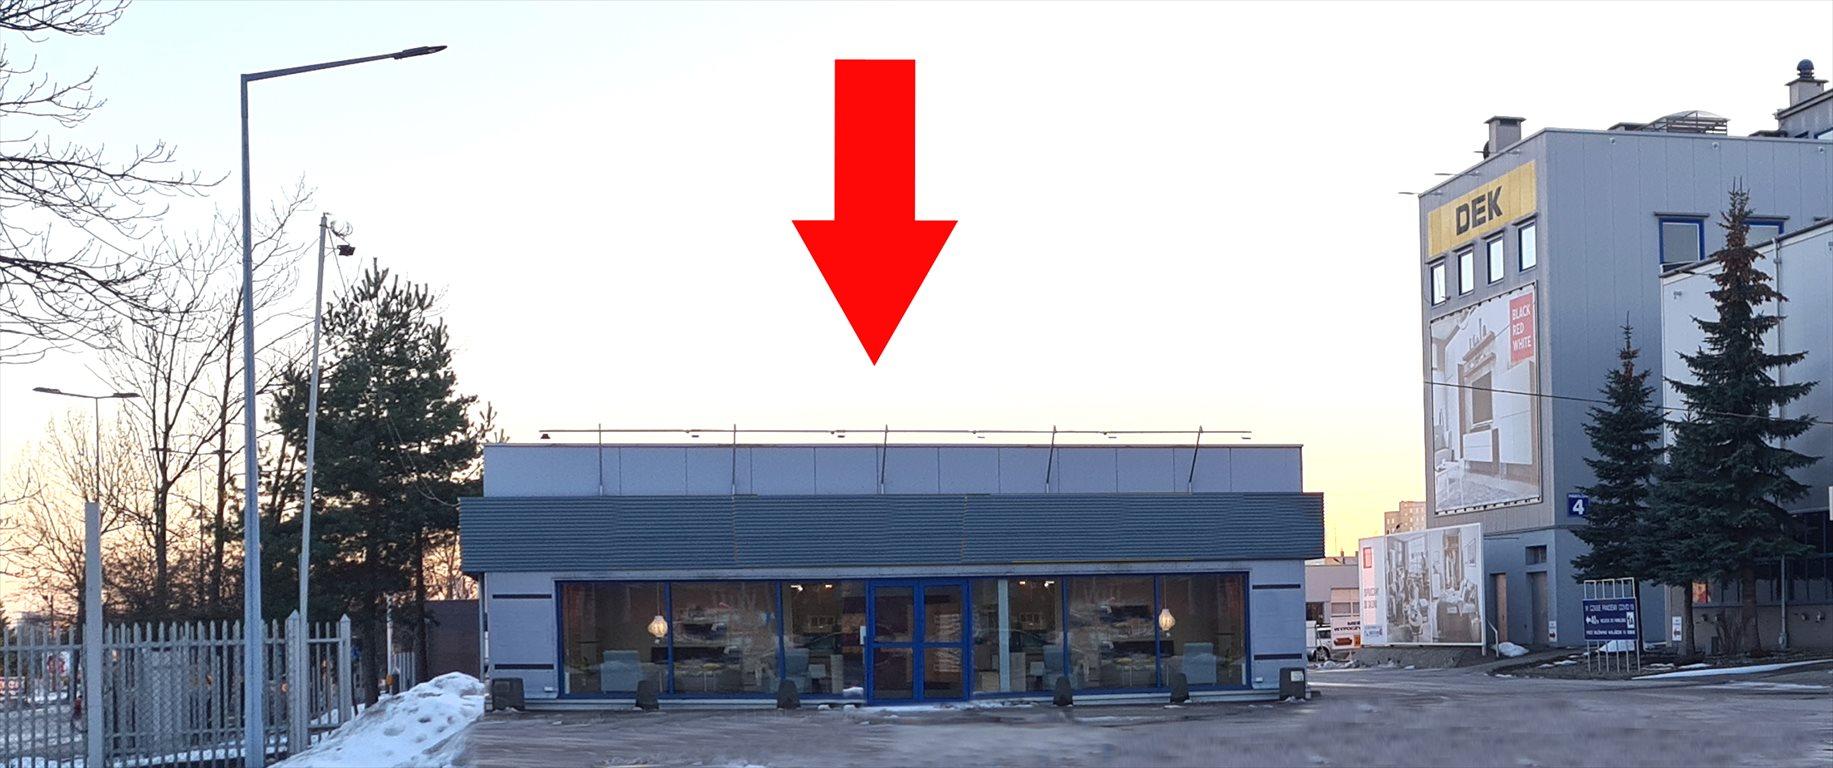 Lokal użytkowy na wynajem Kielce, Olszewskiego  410m2 Foto 2